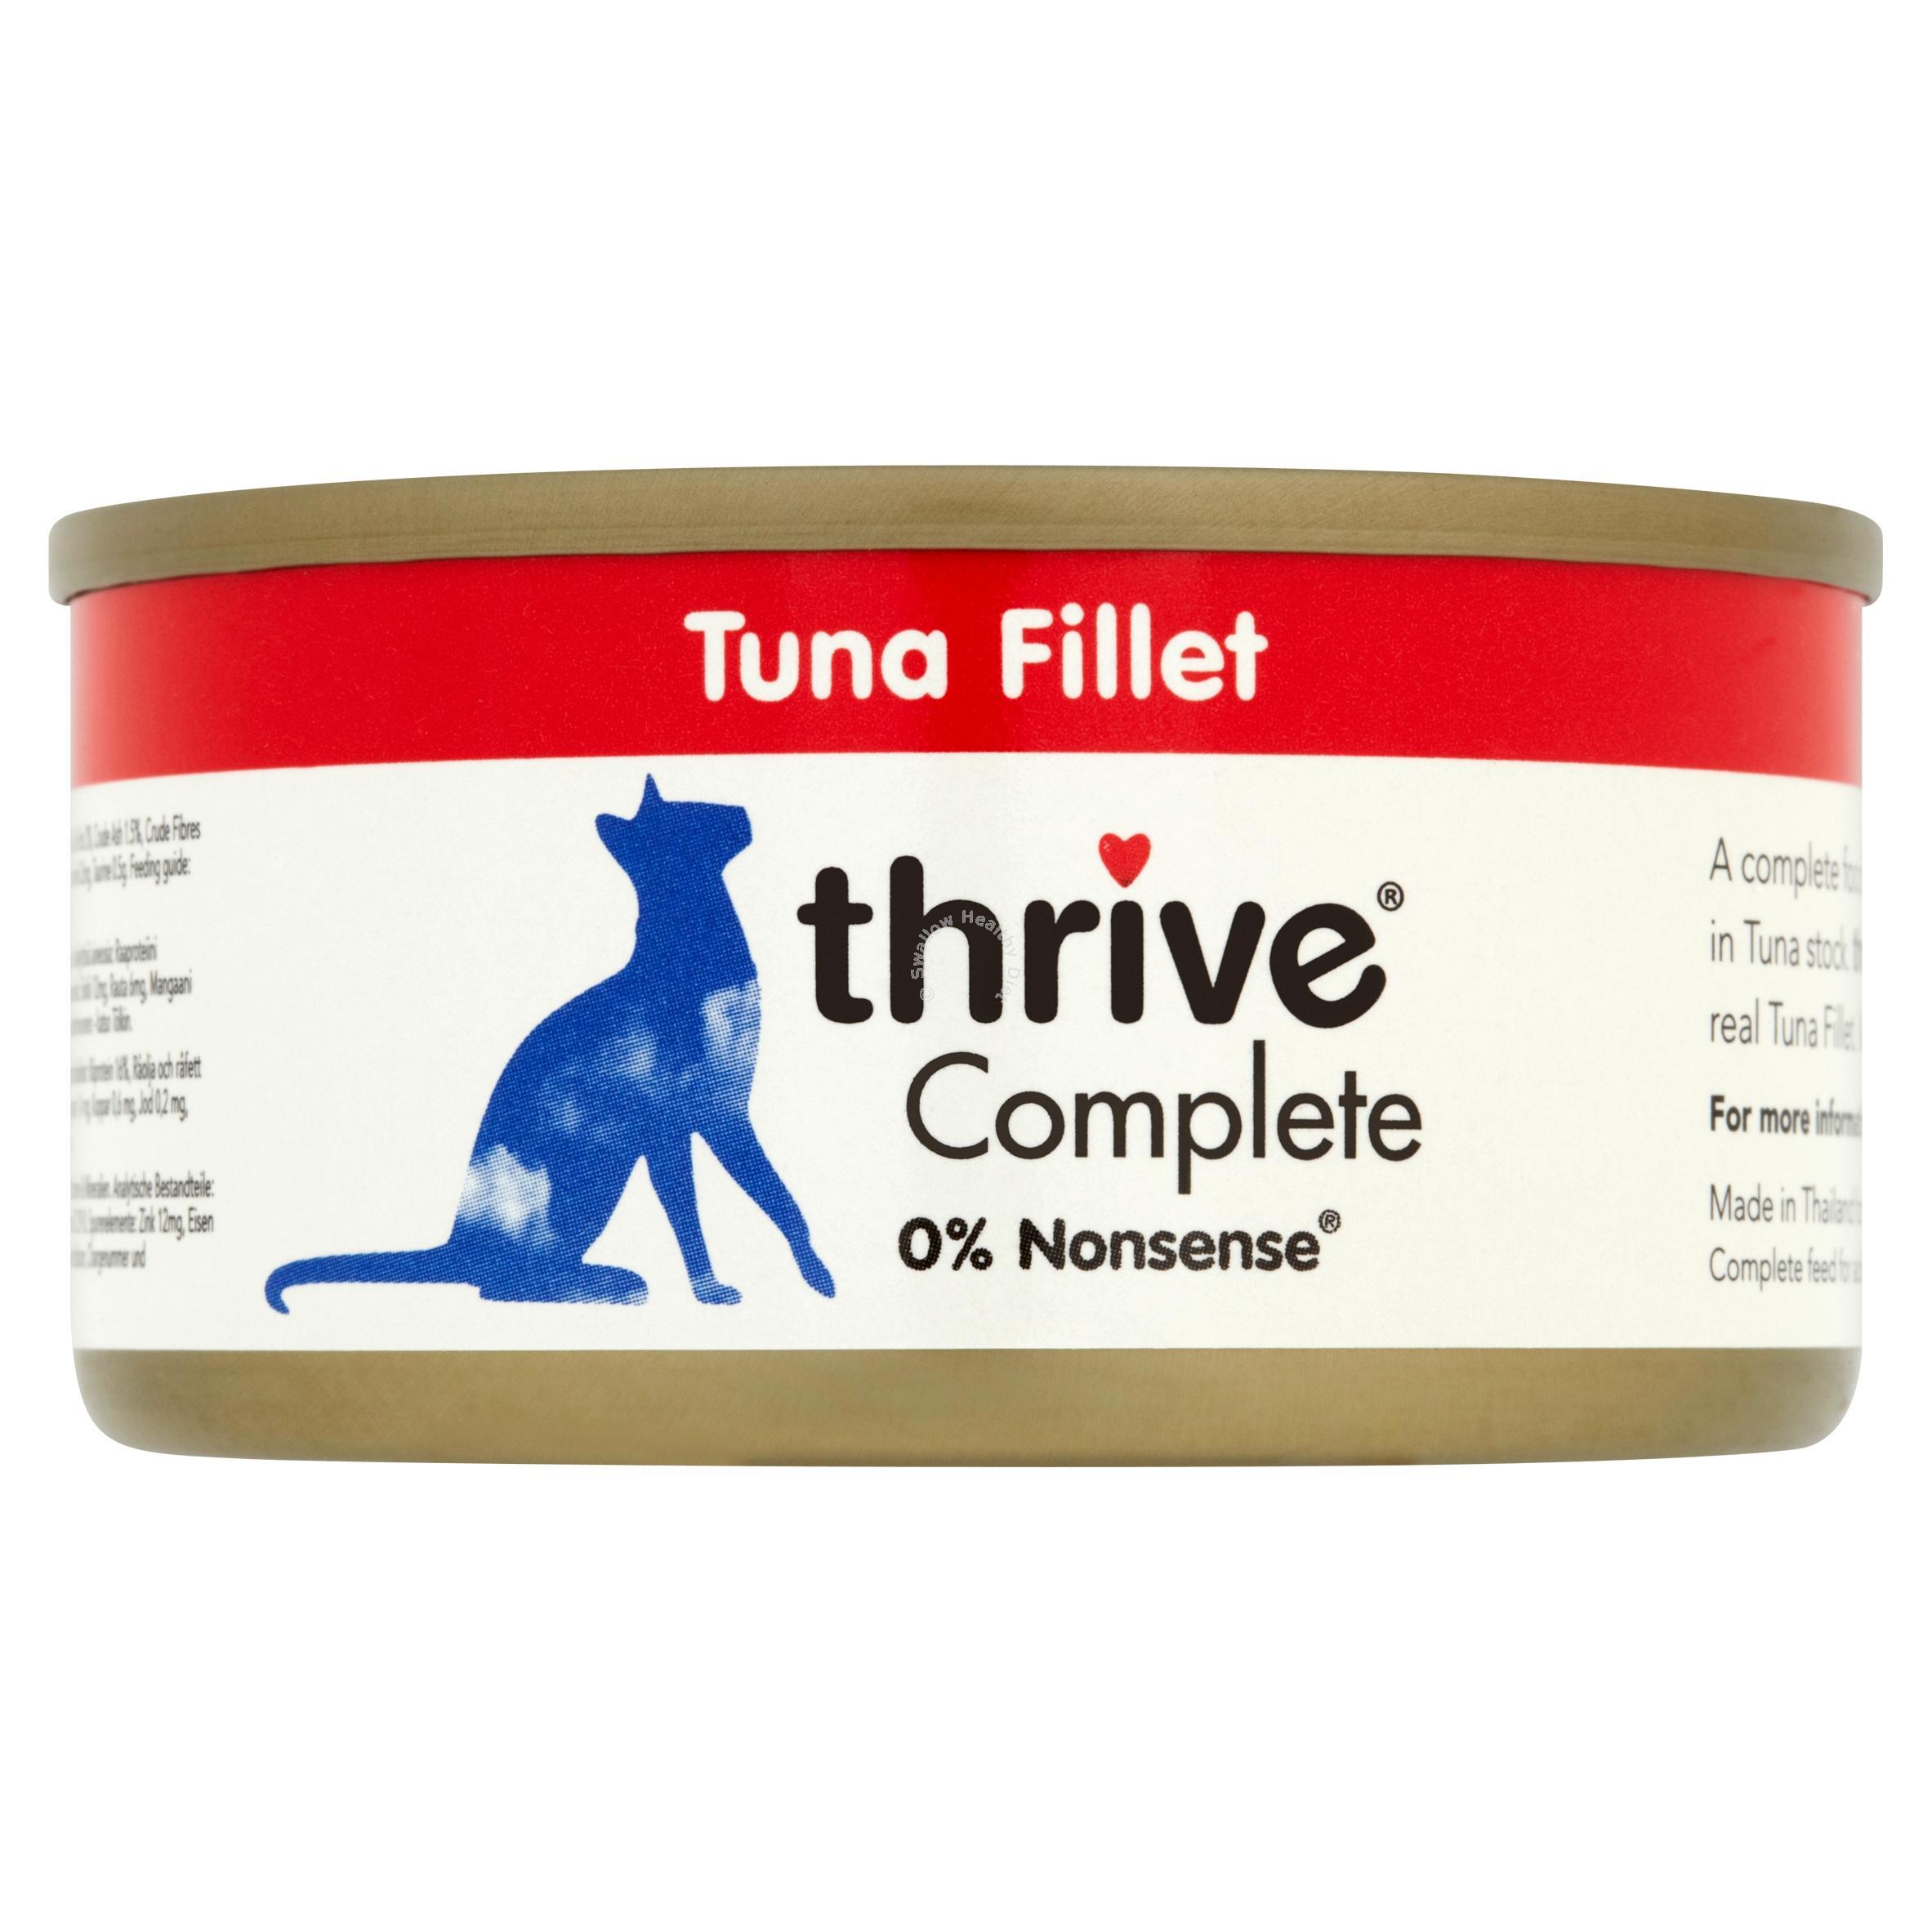 PET-Project-Thrive-completa-cibo-per-gatti-100-vera-carne-pesce-12x-75g-TIN-umido-naturale